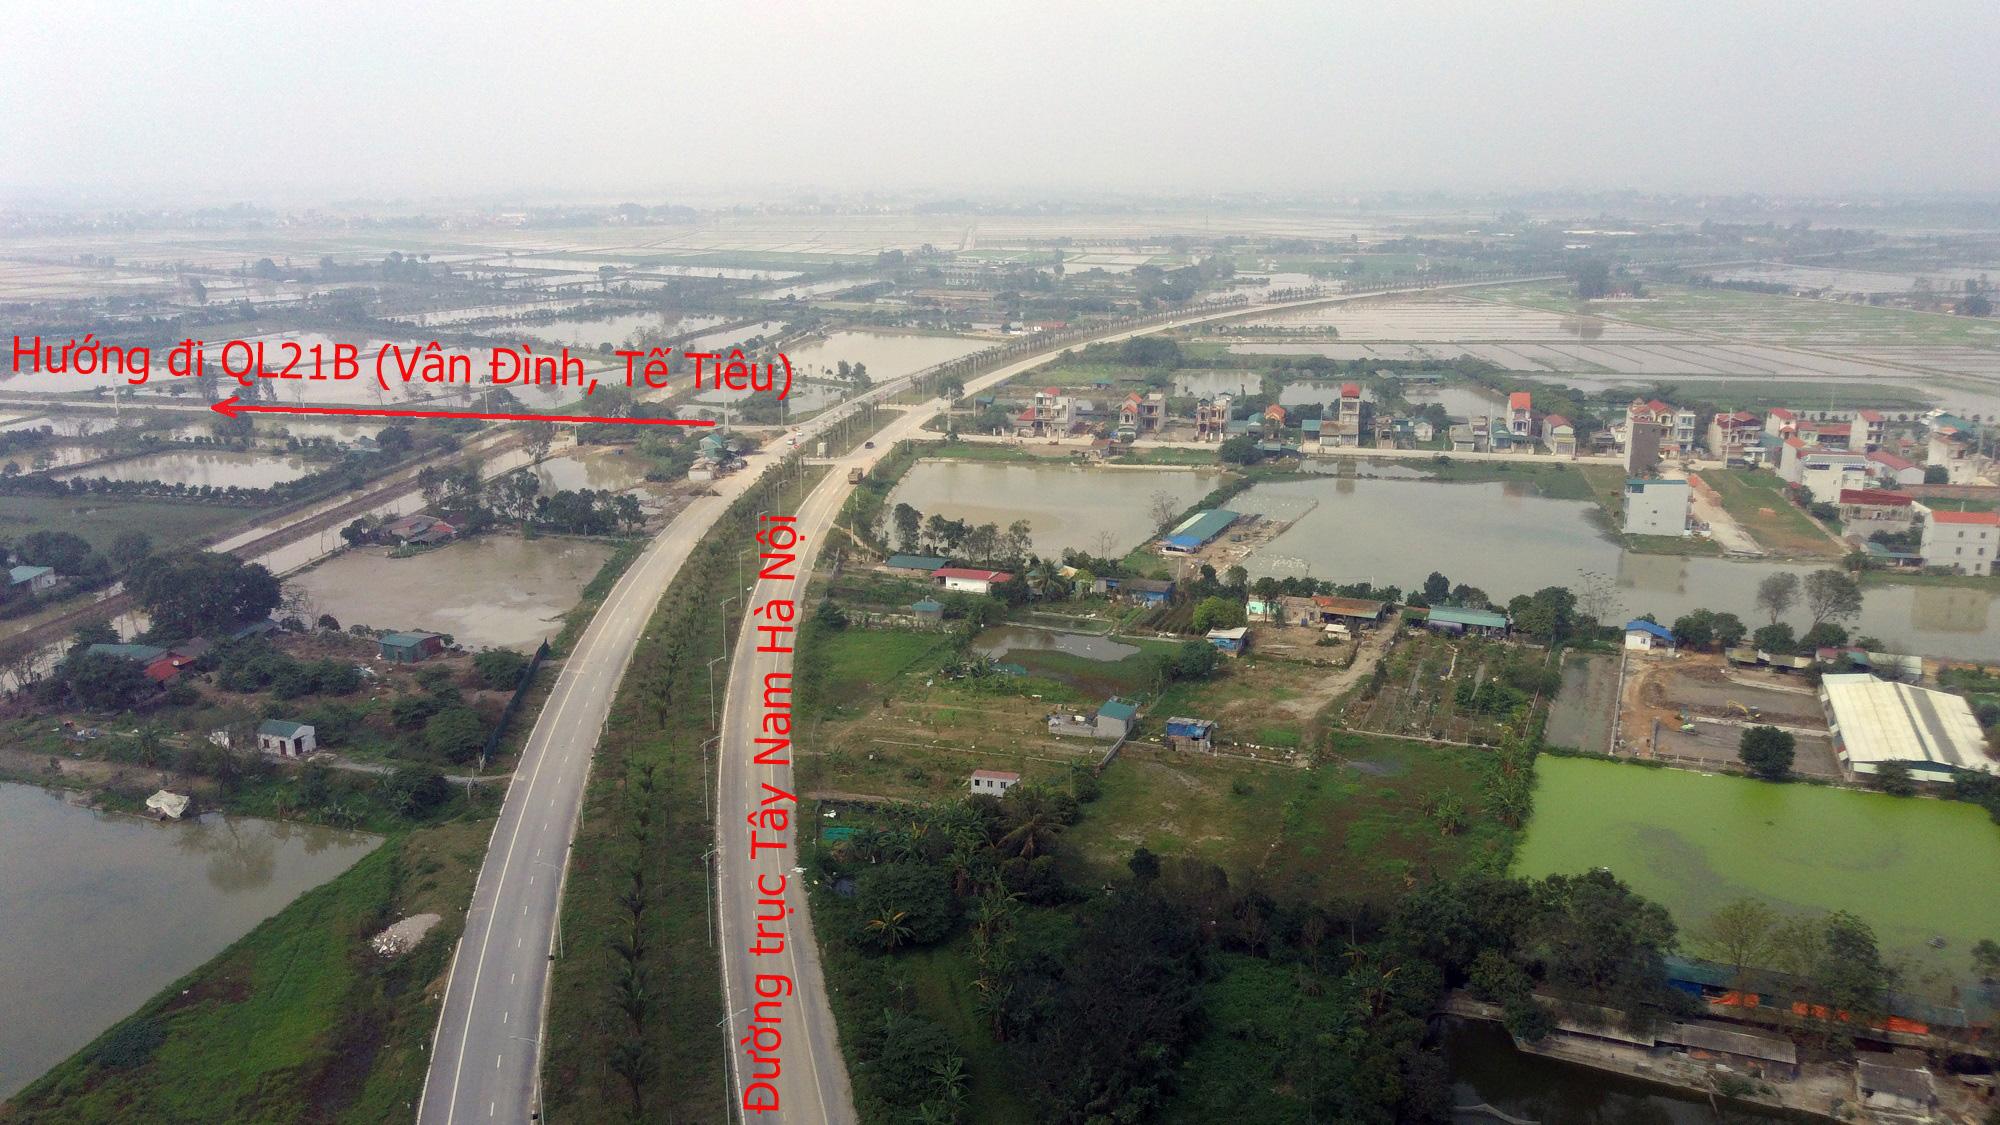 Đường sẽ mở theo qui hoạch: Toàn cảnh đường trục Tây Nam Hà Nội qua KĐT Thanh Hà - Ảnh 21.